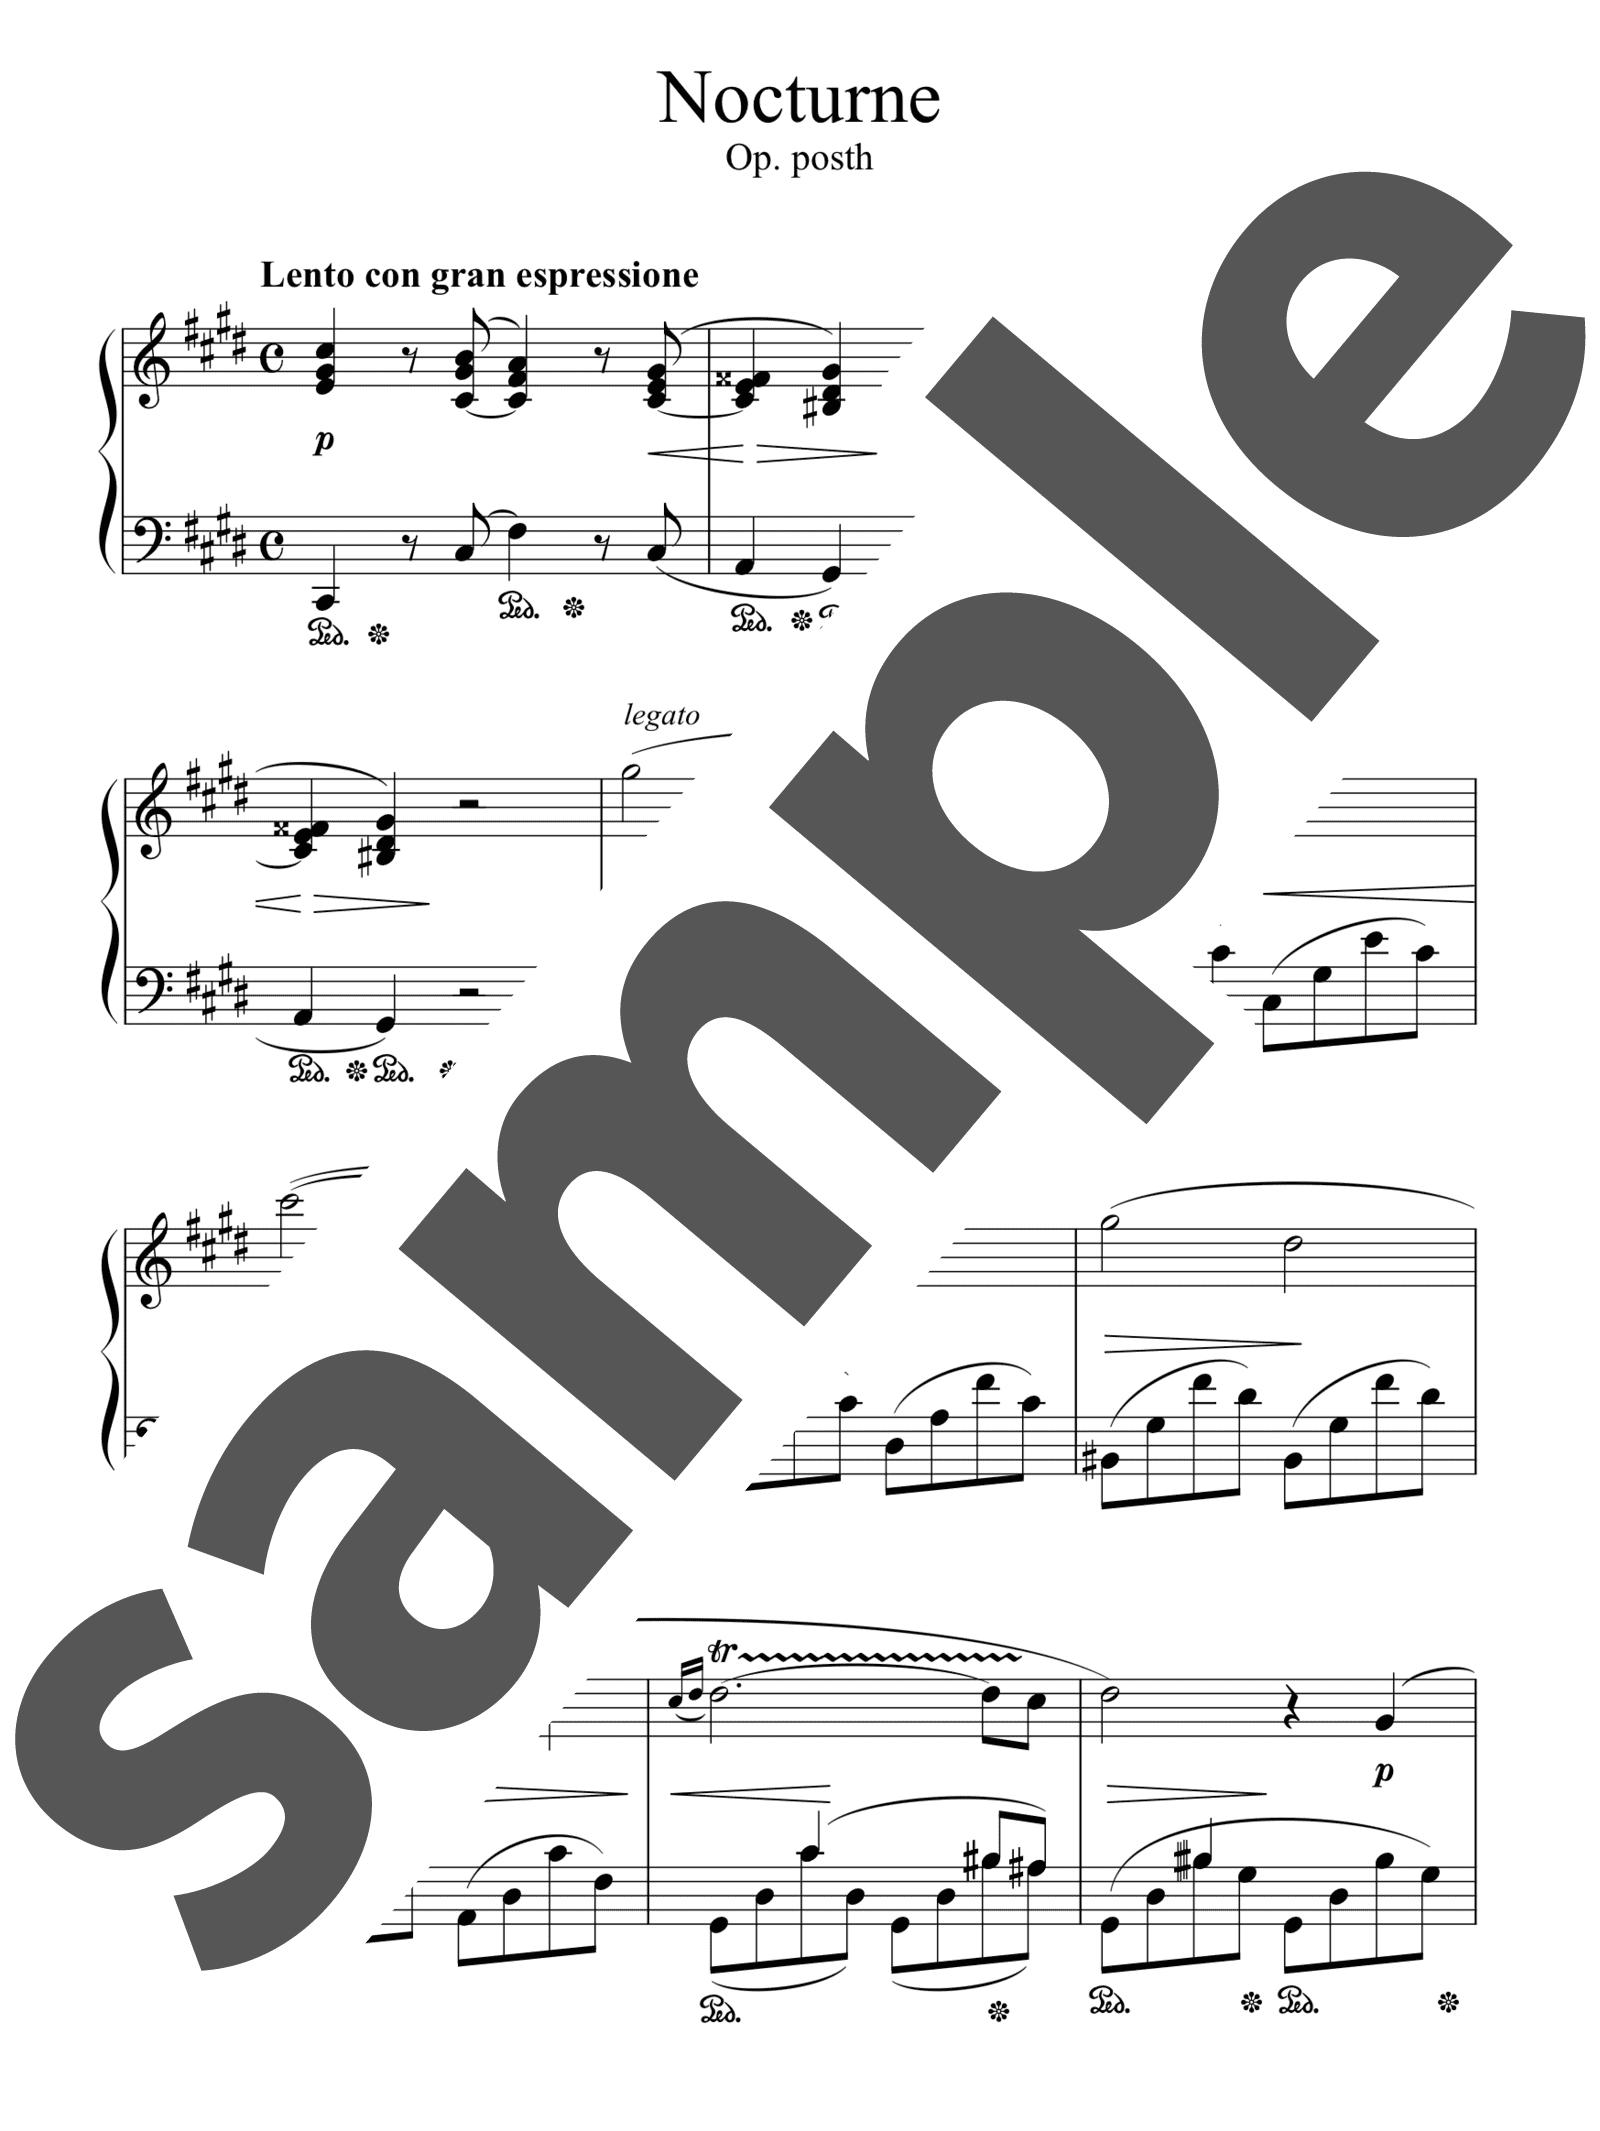 「ノクターン op.posth」のサンプル楽譜